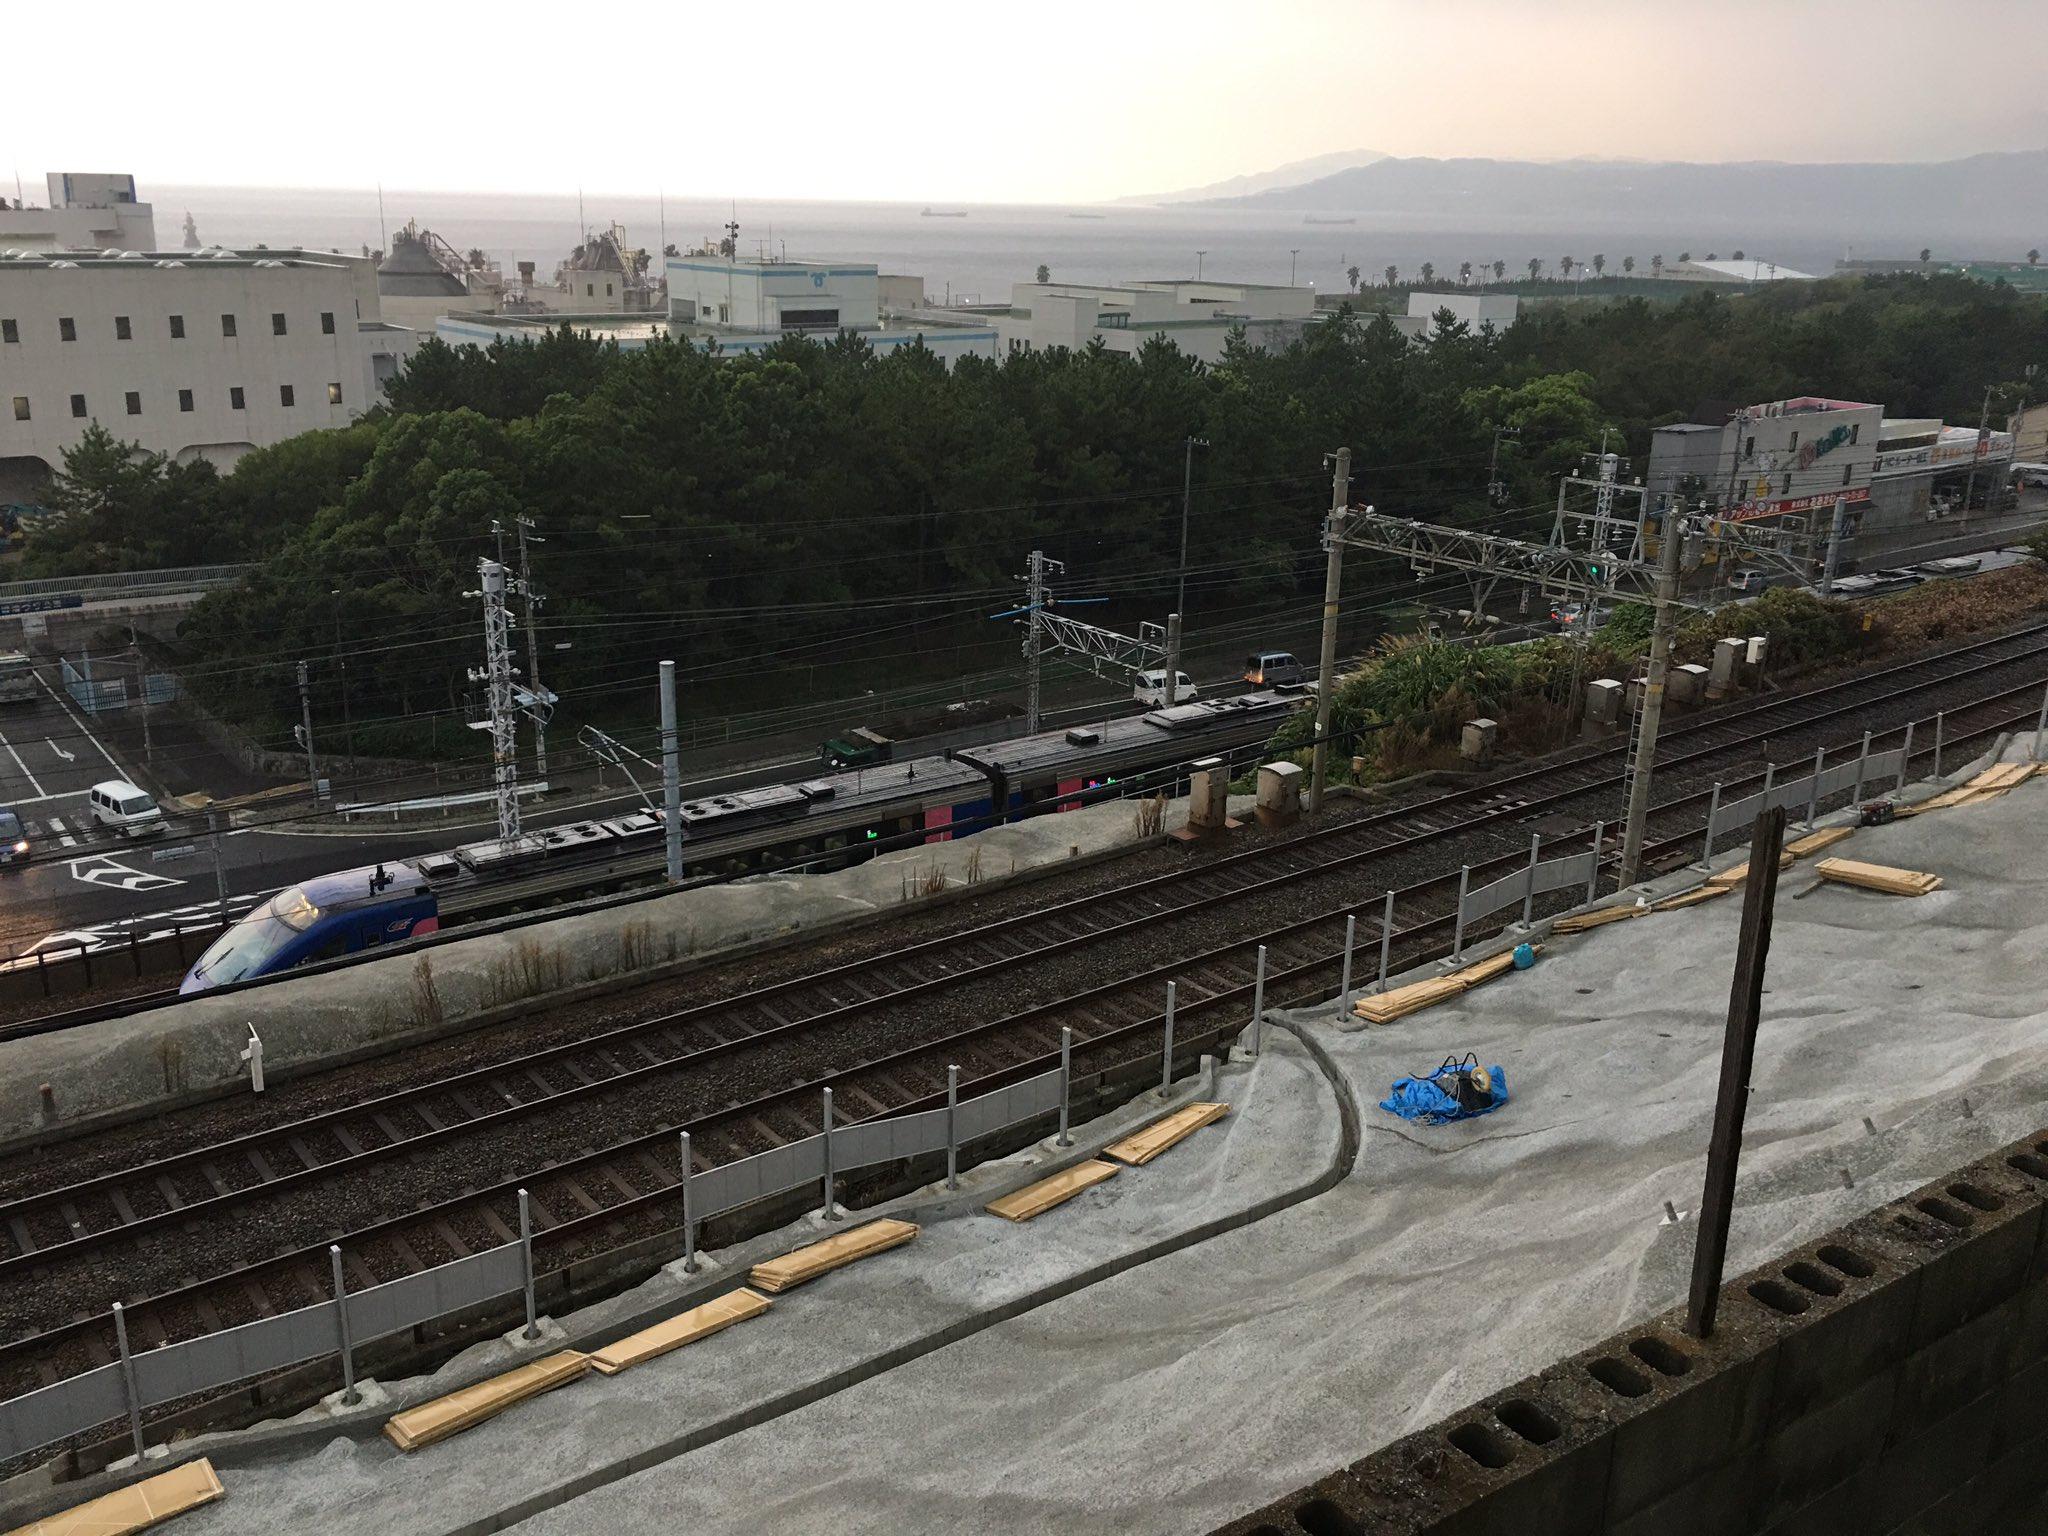 画像,JR神戸線、垂水駅を過ぎたあたりで、スーパーはくと停車中。何かあったのかな? https://t.co/GVX6C7jFgj…